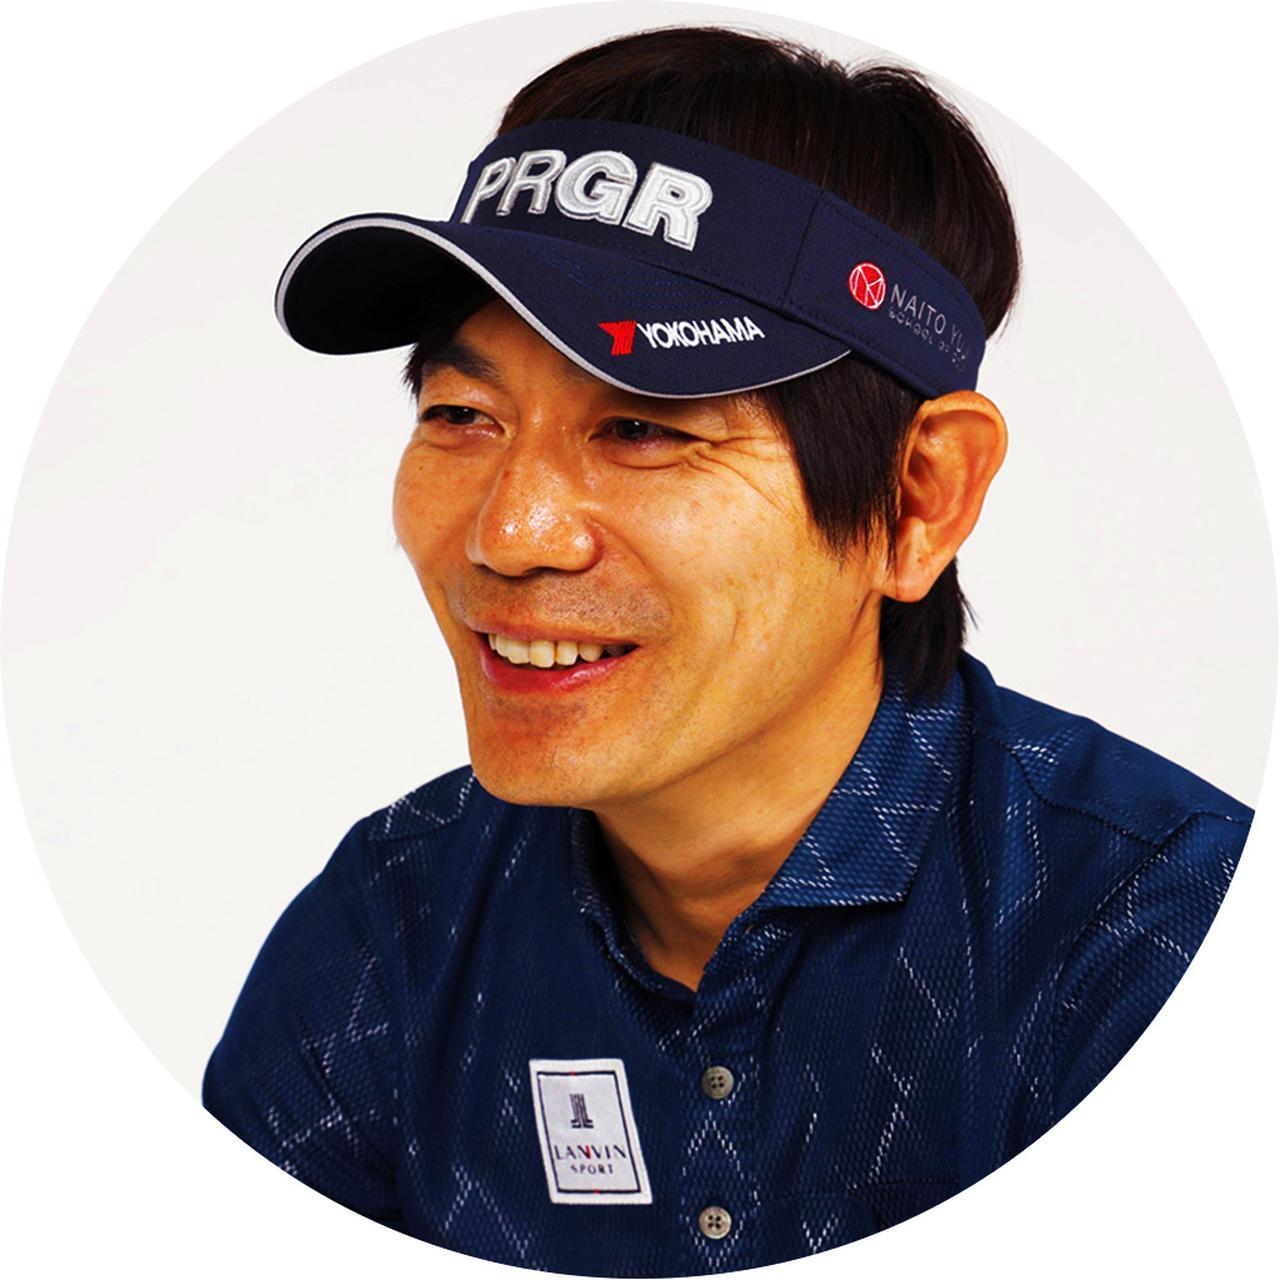 画像: 【解説/内藤雄士】 プロコーチ。日大ゴルフ部時代、米国にゴルフ留学し、最新の理論を学ぶ。その後、丸山茂樹、平塚哲二、矢野東らのコーチを務める。ラーニングゴルフクラブ代表。